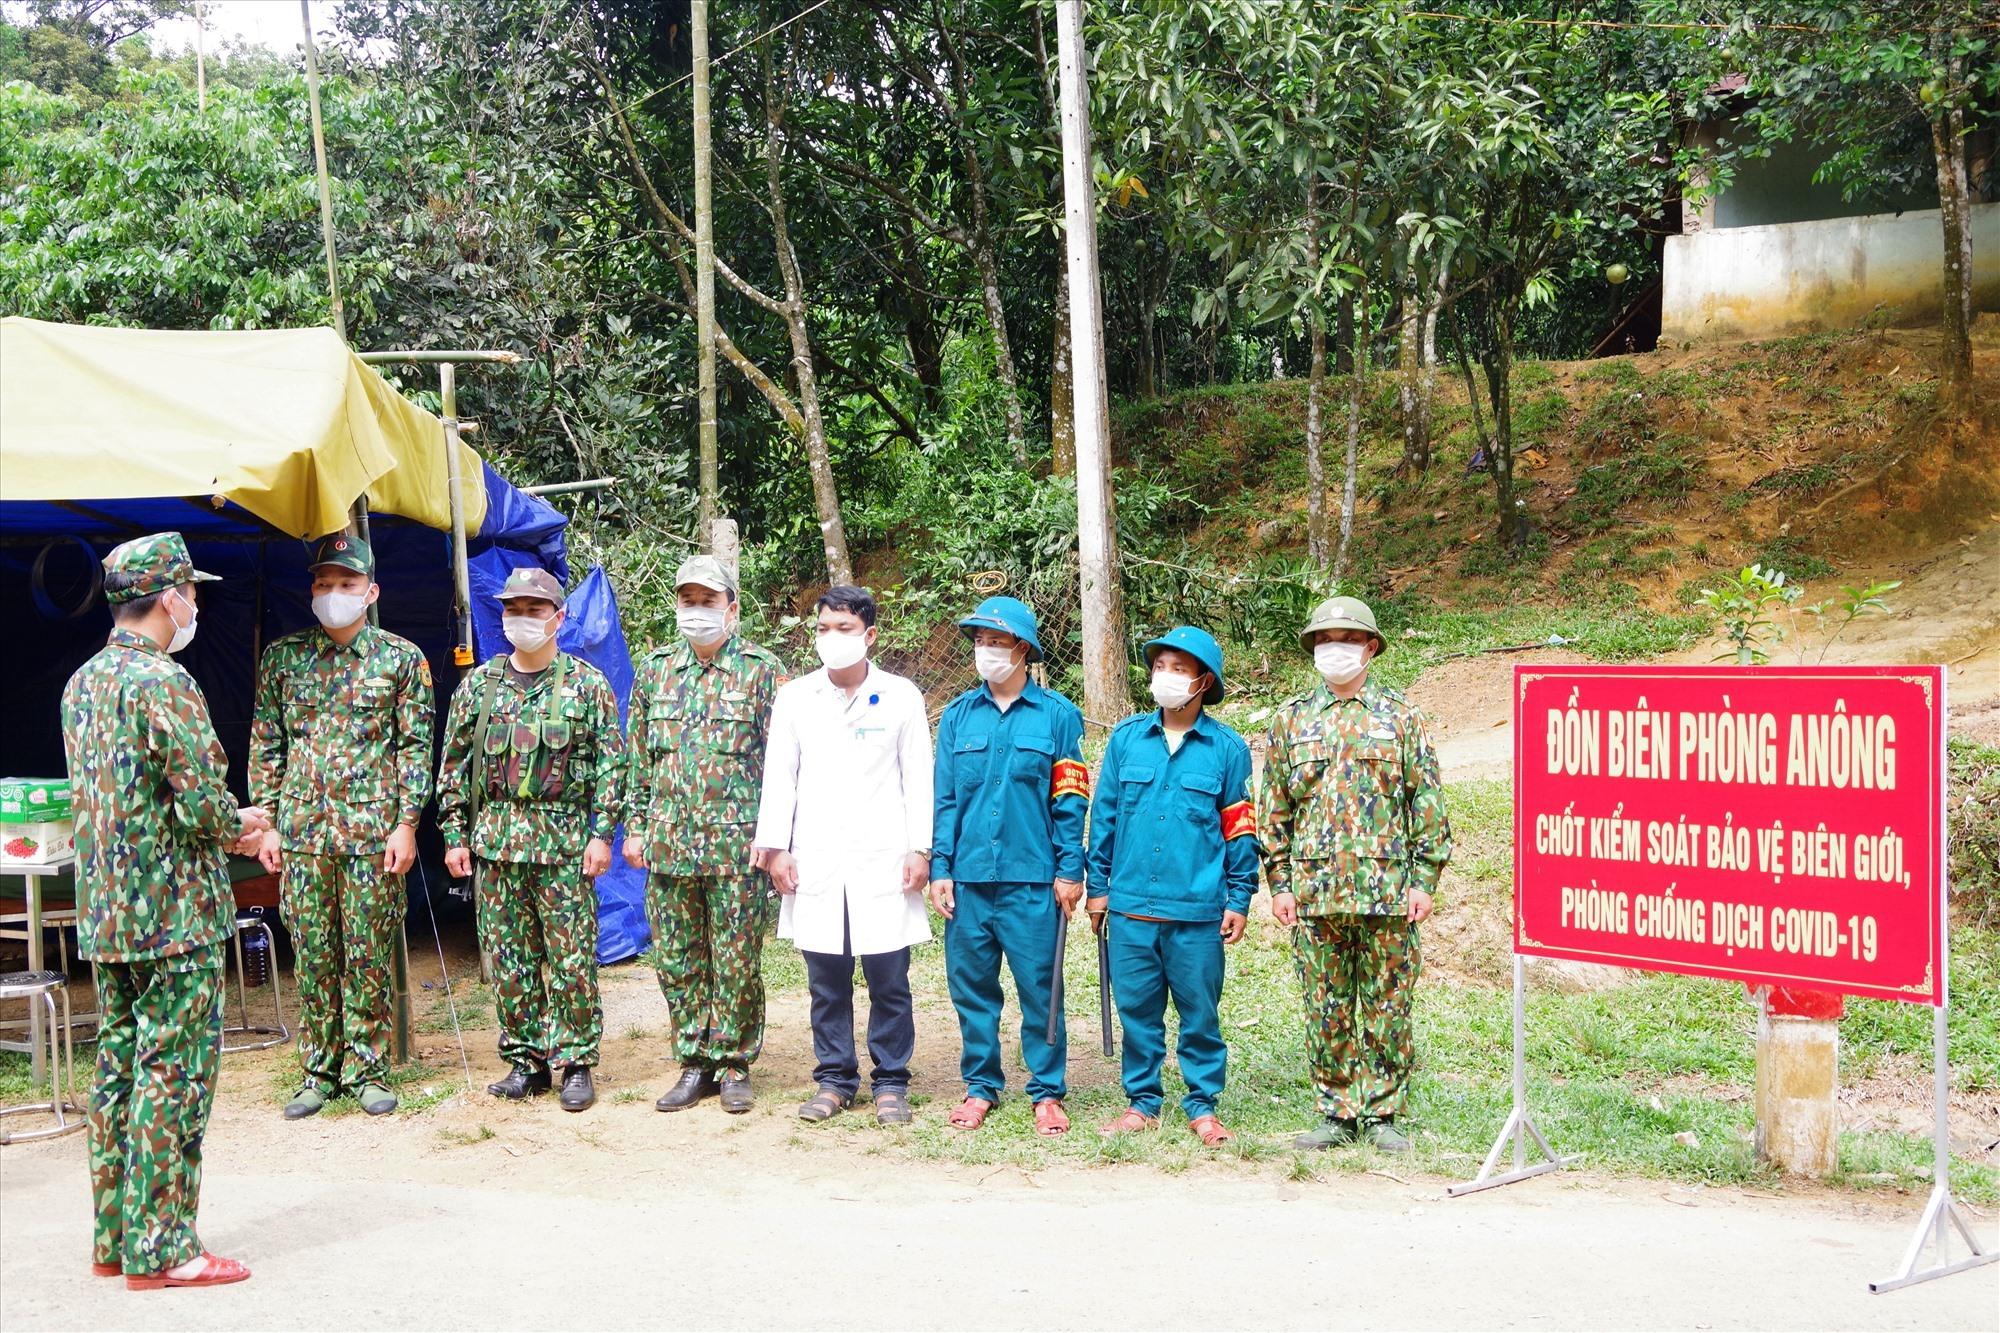 Bộ Chỉ huy BĐBP tỉnh kiểm tra công tác phòng chống dịch Covid -19 tại điểm chốt Đồn Biên phòng A Nông (H.Tây Giang). Ảnh: VĂN VINH